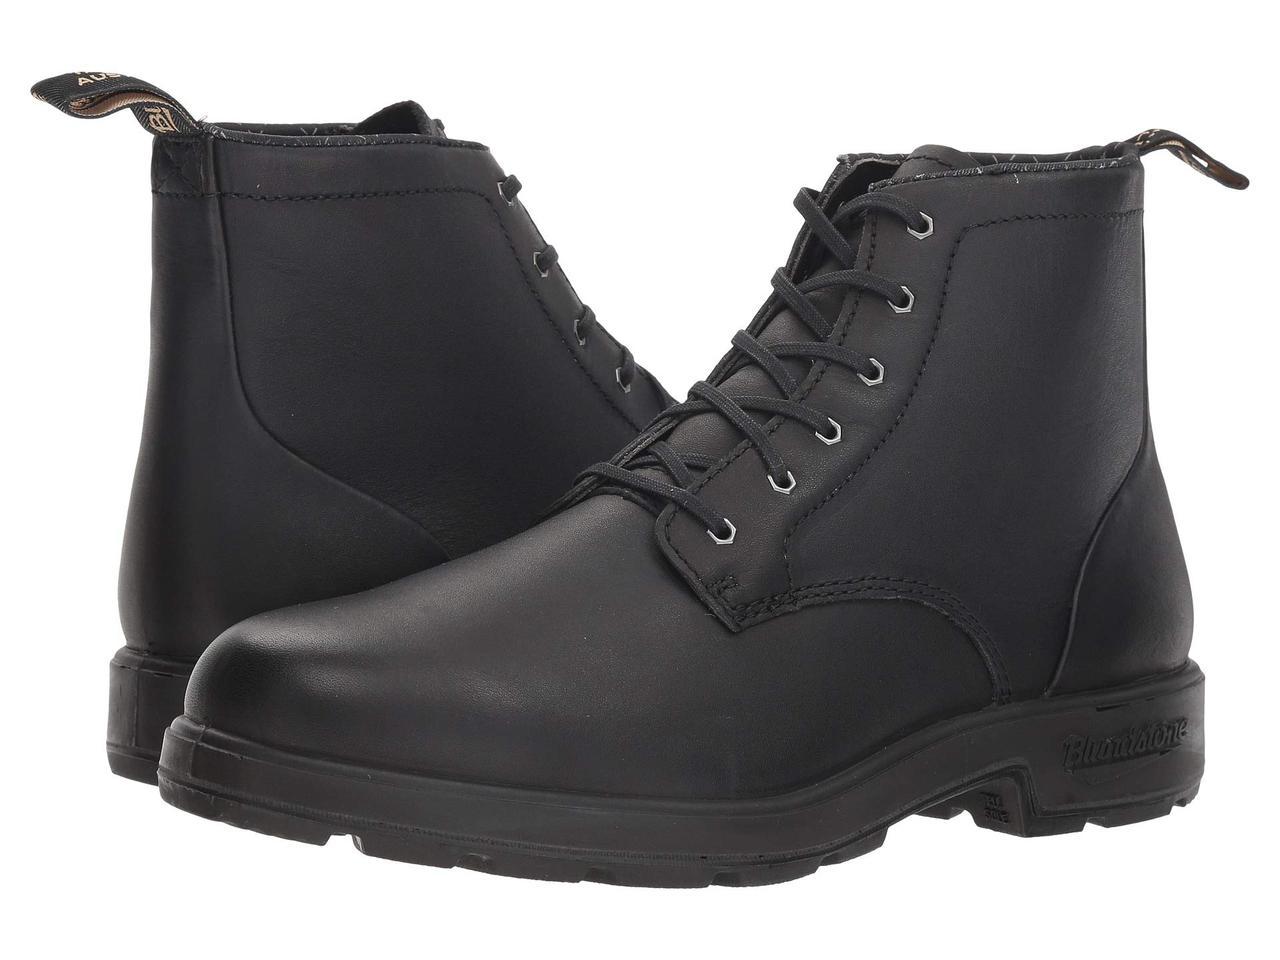 Ботинки/Сапоги (Оригинал) Blundstone BL1617 Black